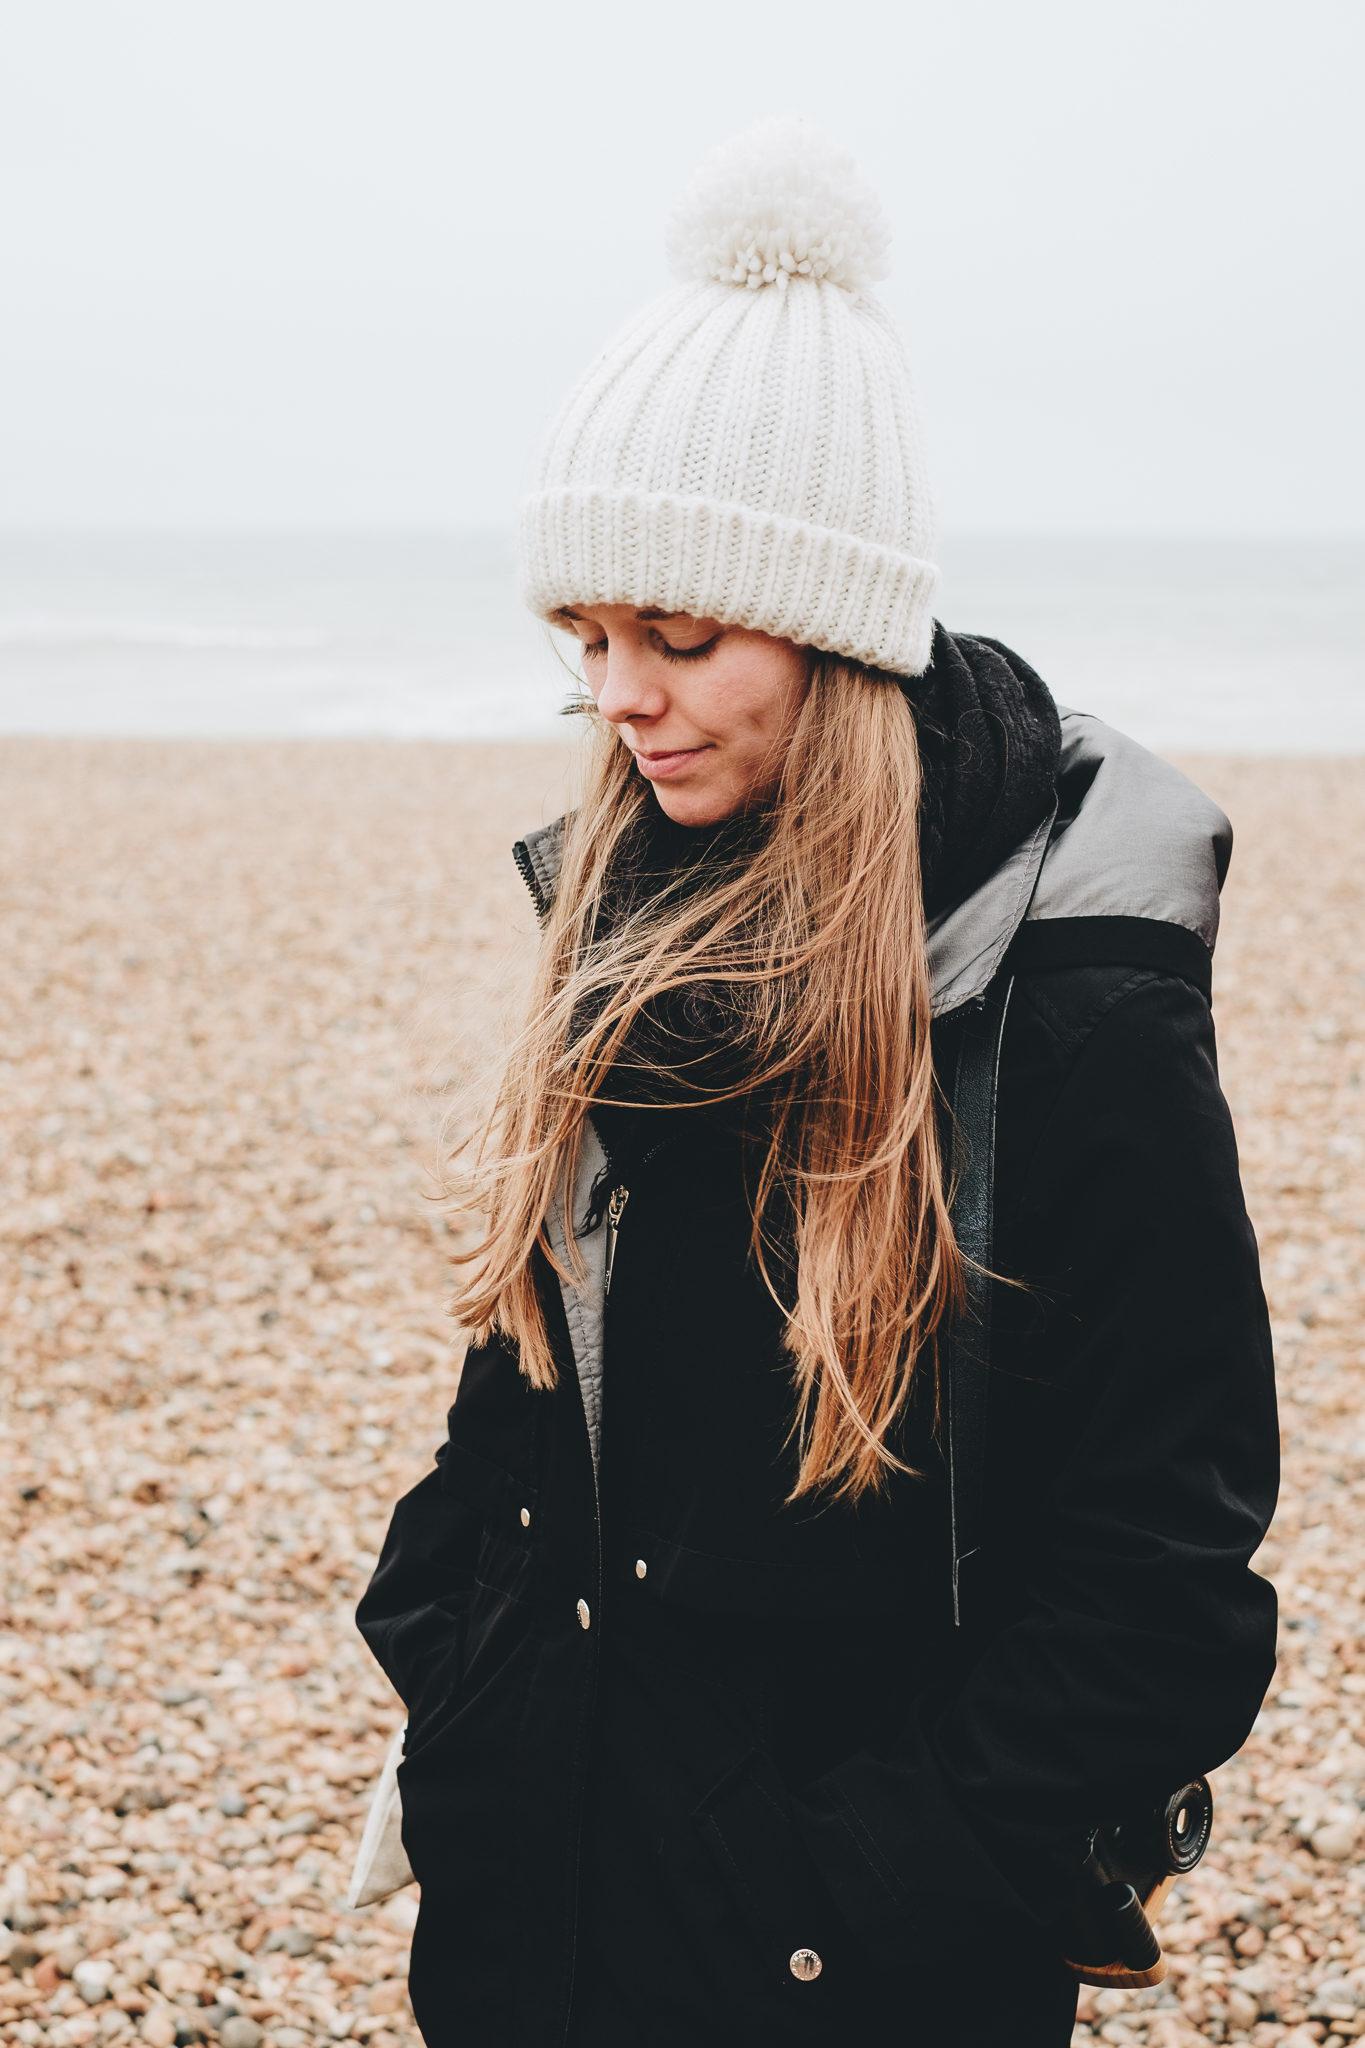 Surrey Portrait Lifestyle Photographer